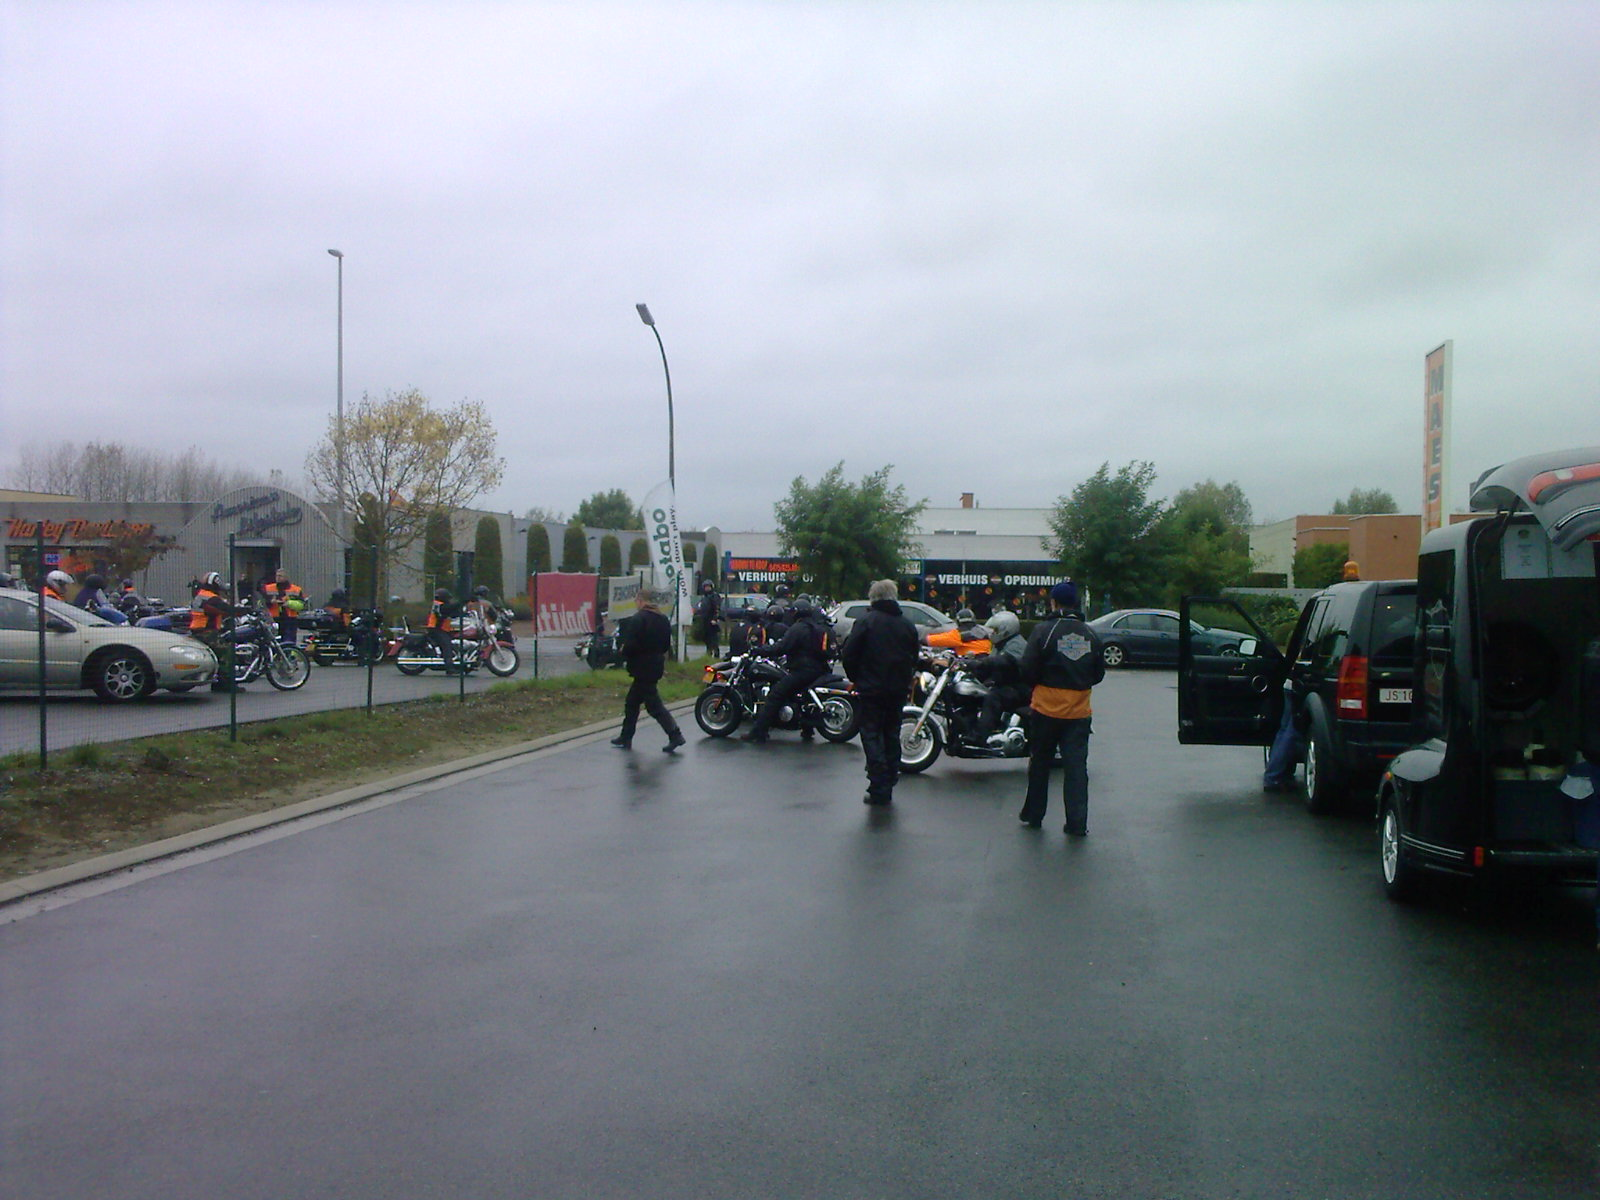 2009-10-24-500 mijl Belgie (22)